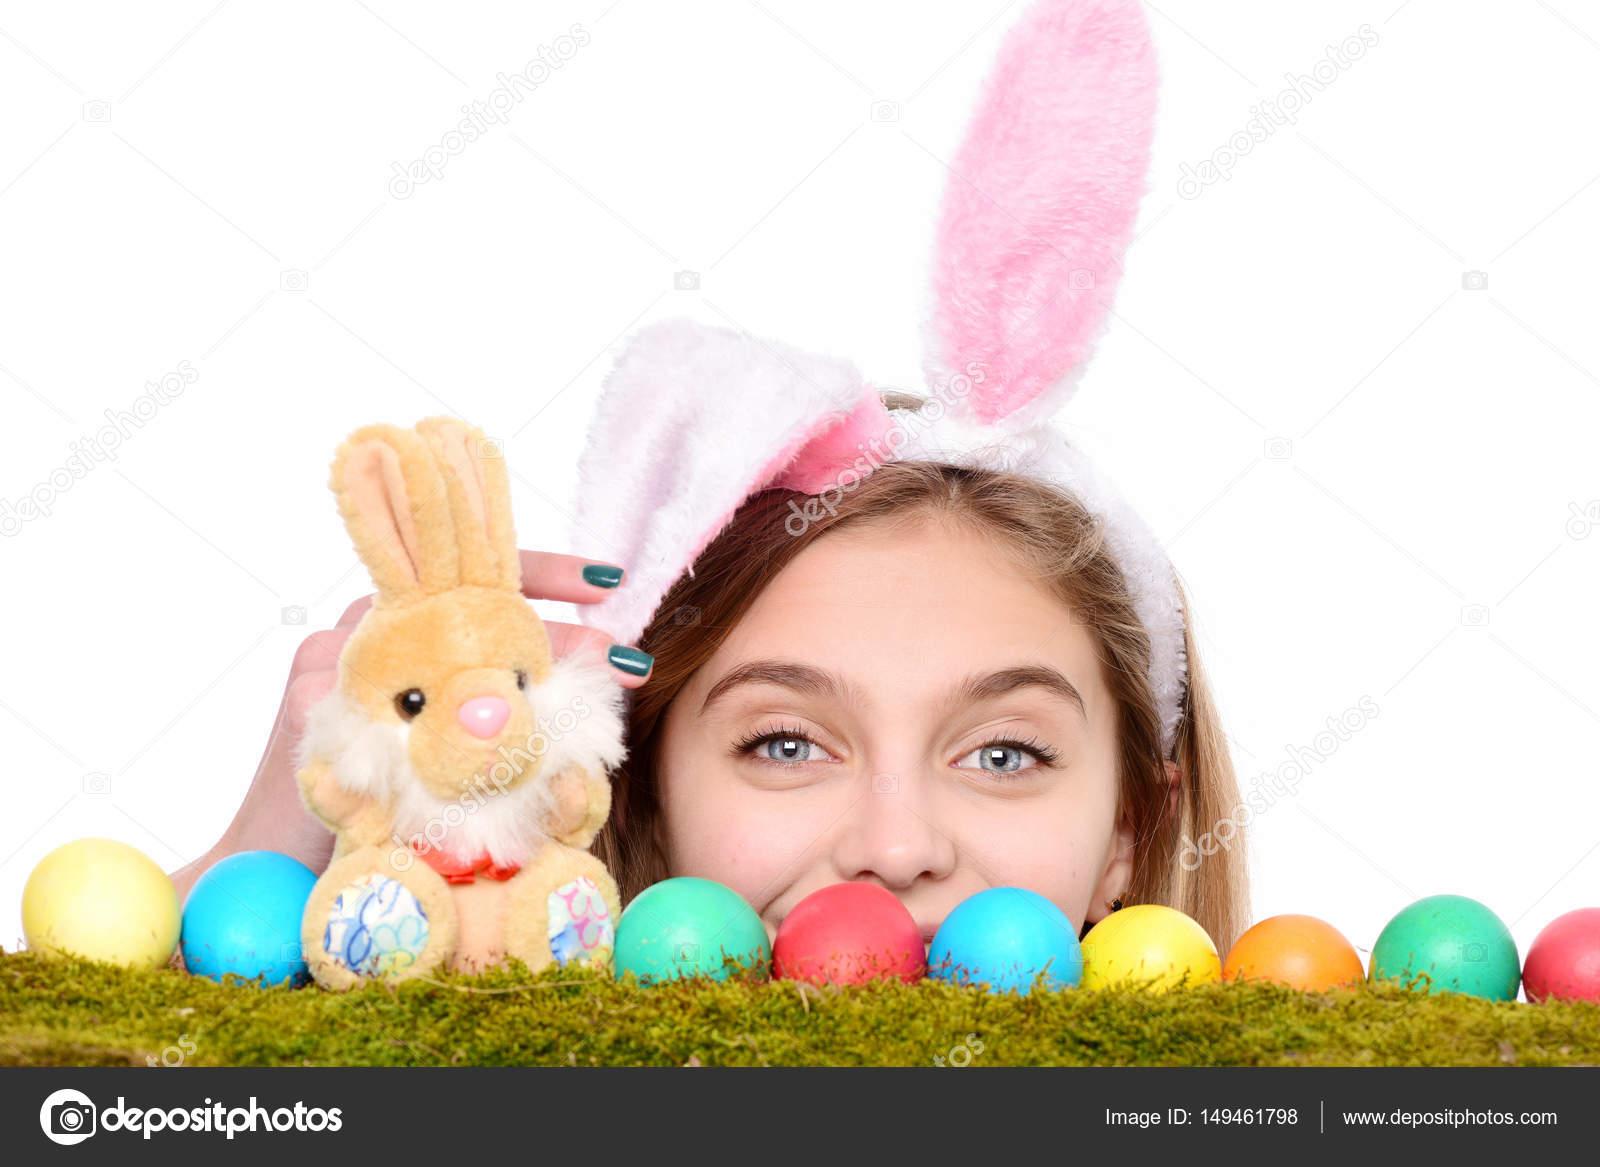 coniglio figa